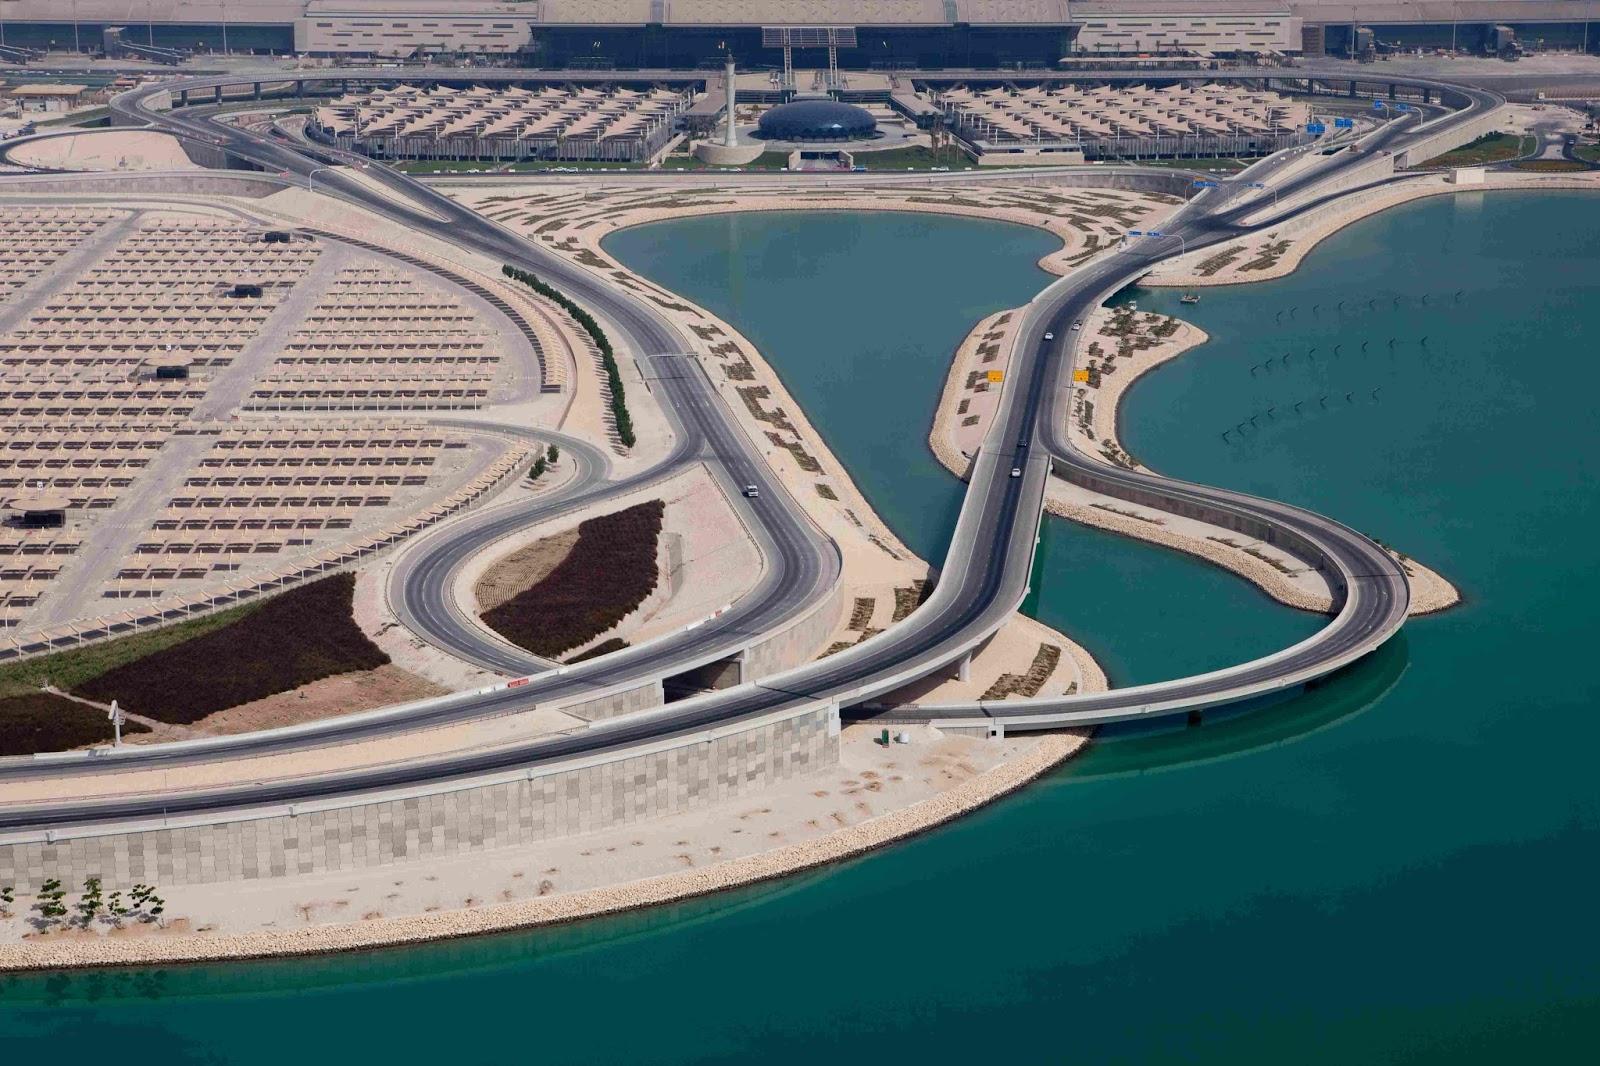 وظائف خالية بمطار حمد الدولي لجميع المؤهلات 2018